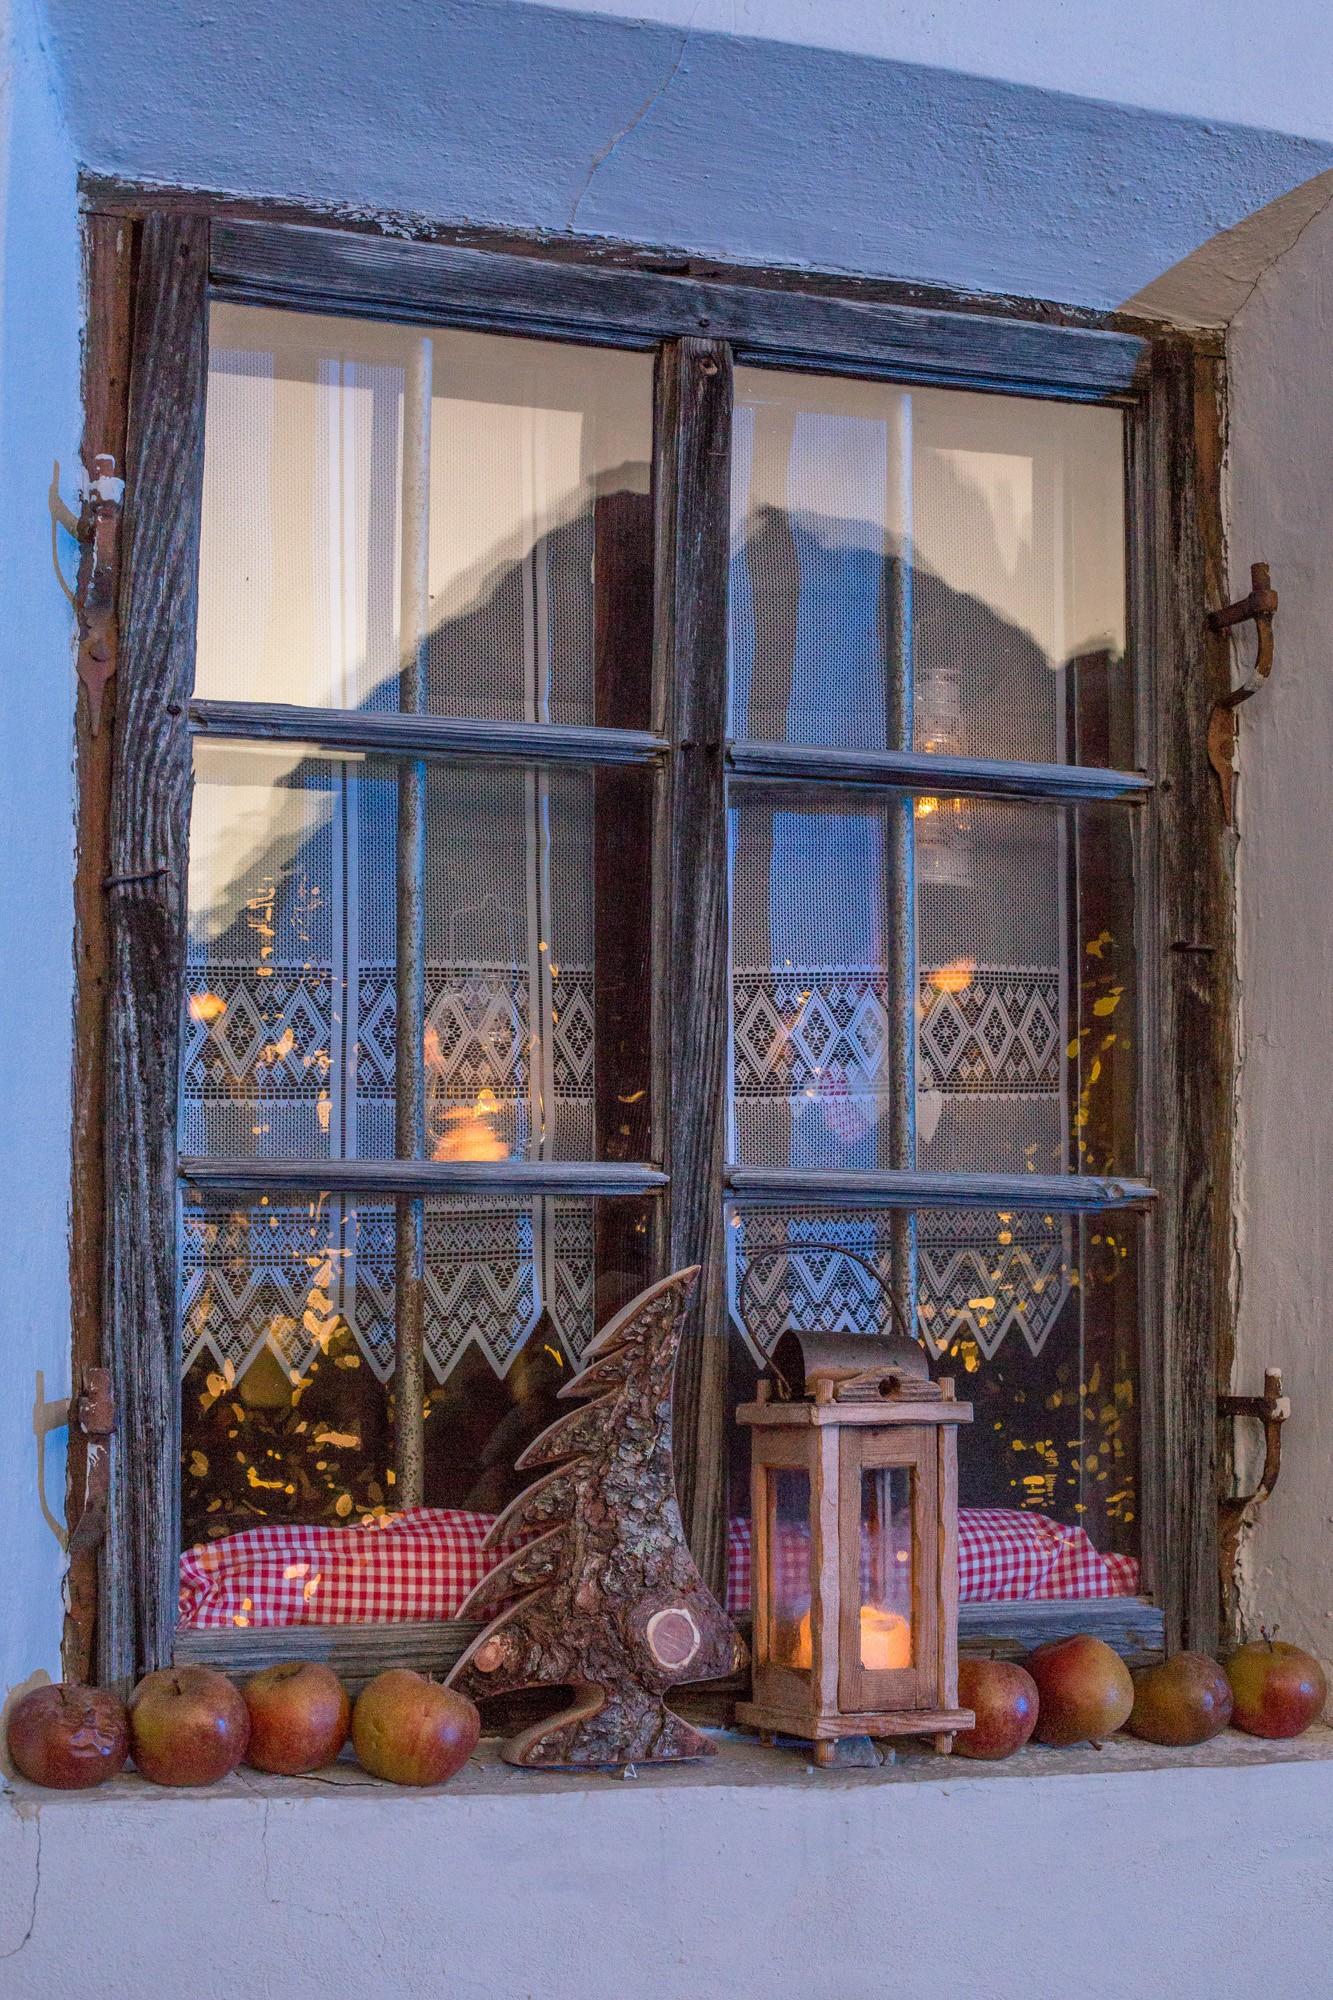 Fenster, Weihnachtsdekoration